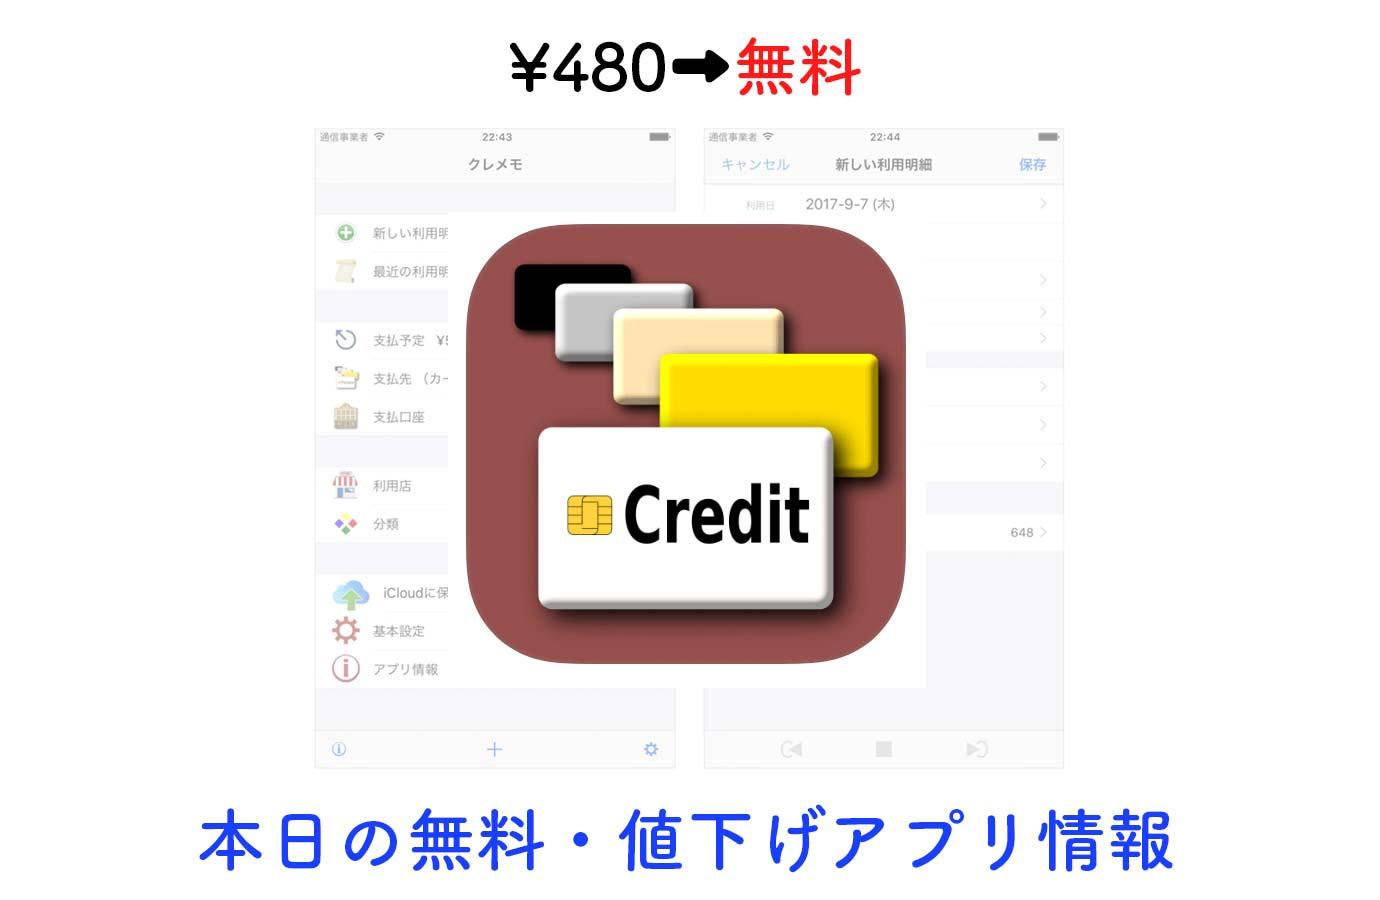 ¥480→無料、クレジットカードの支払いをメモして支払予定を管理する「クレメモ」など【9/18】本日の無料・値下げアプリ情報